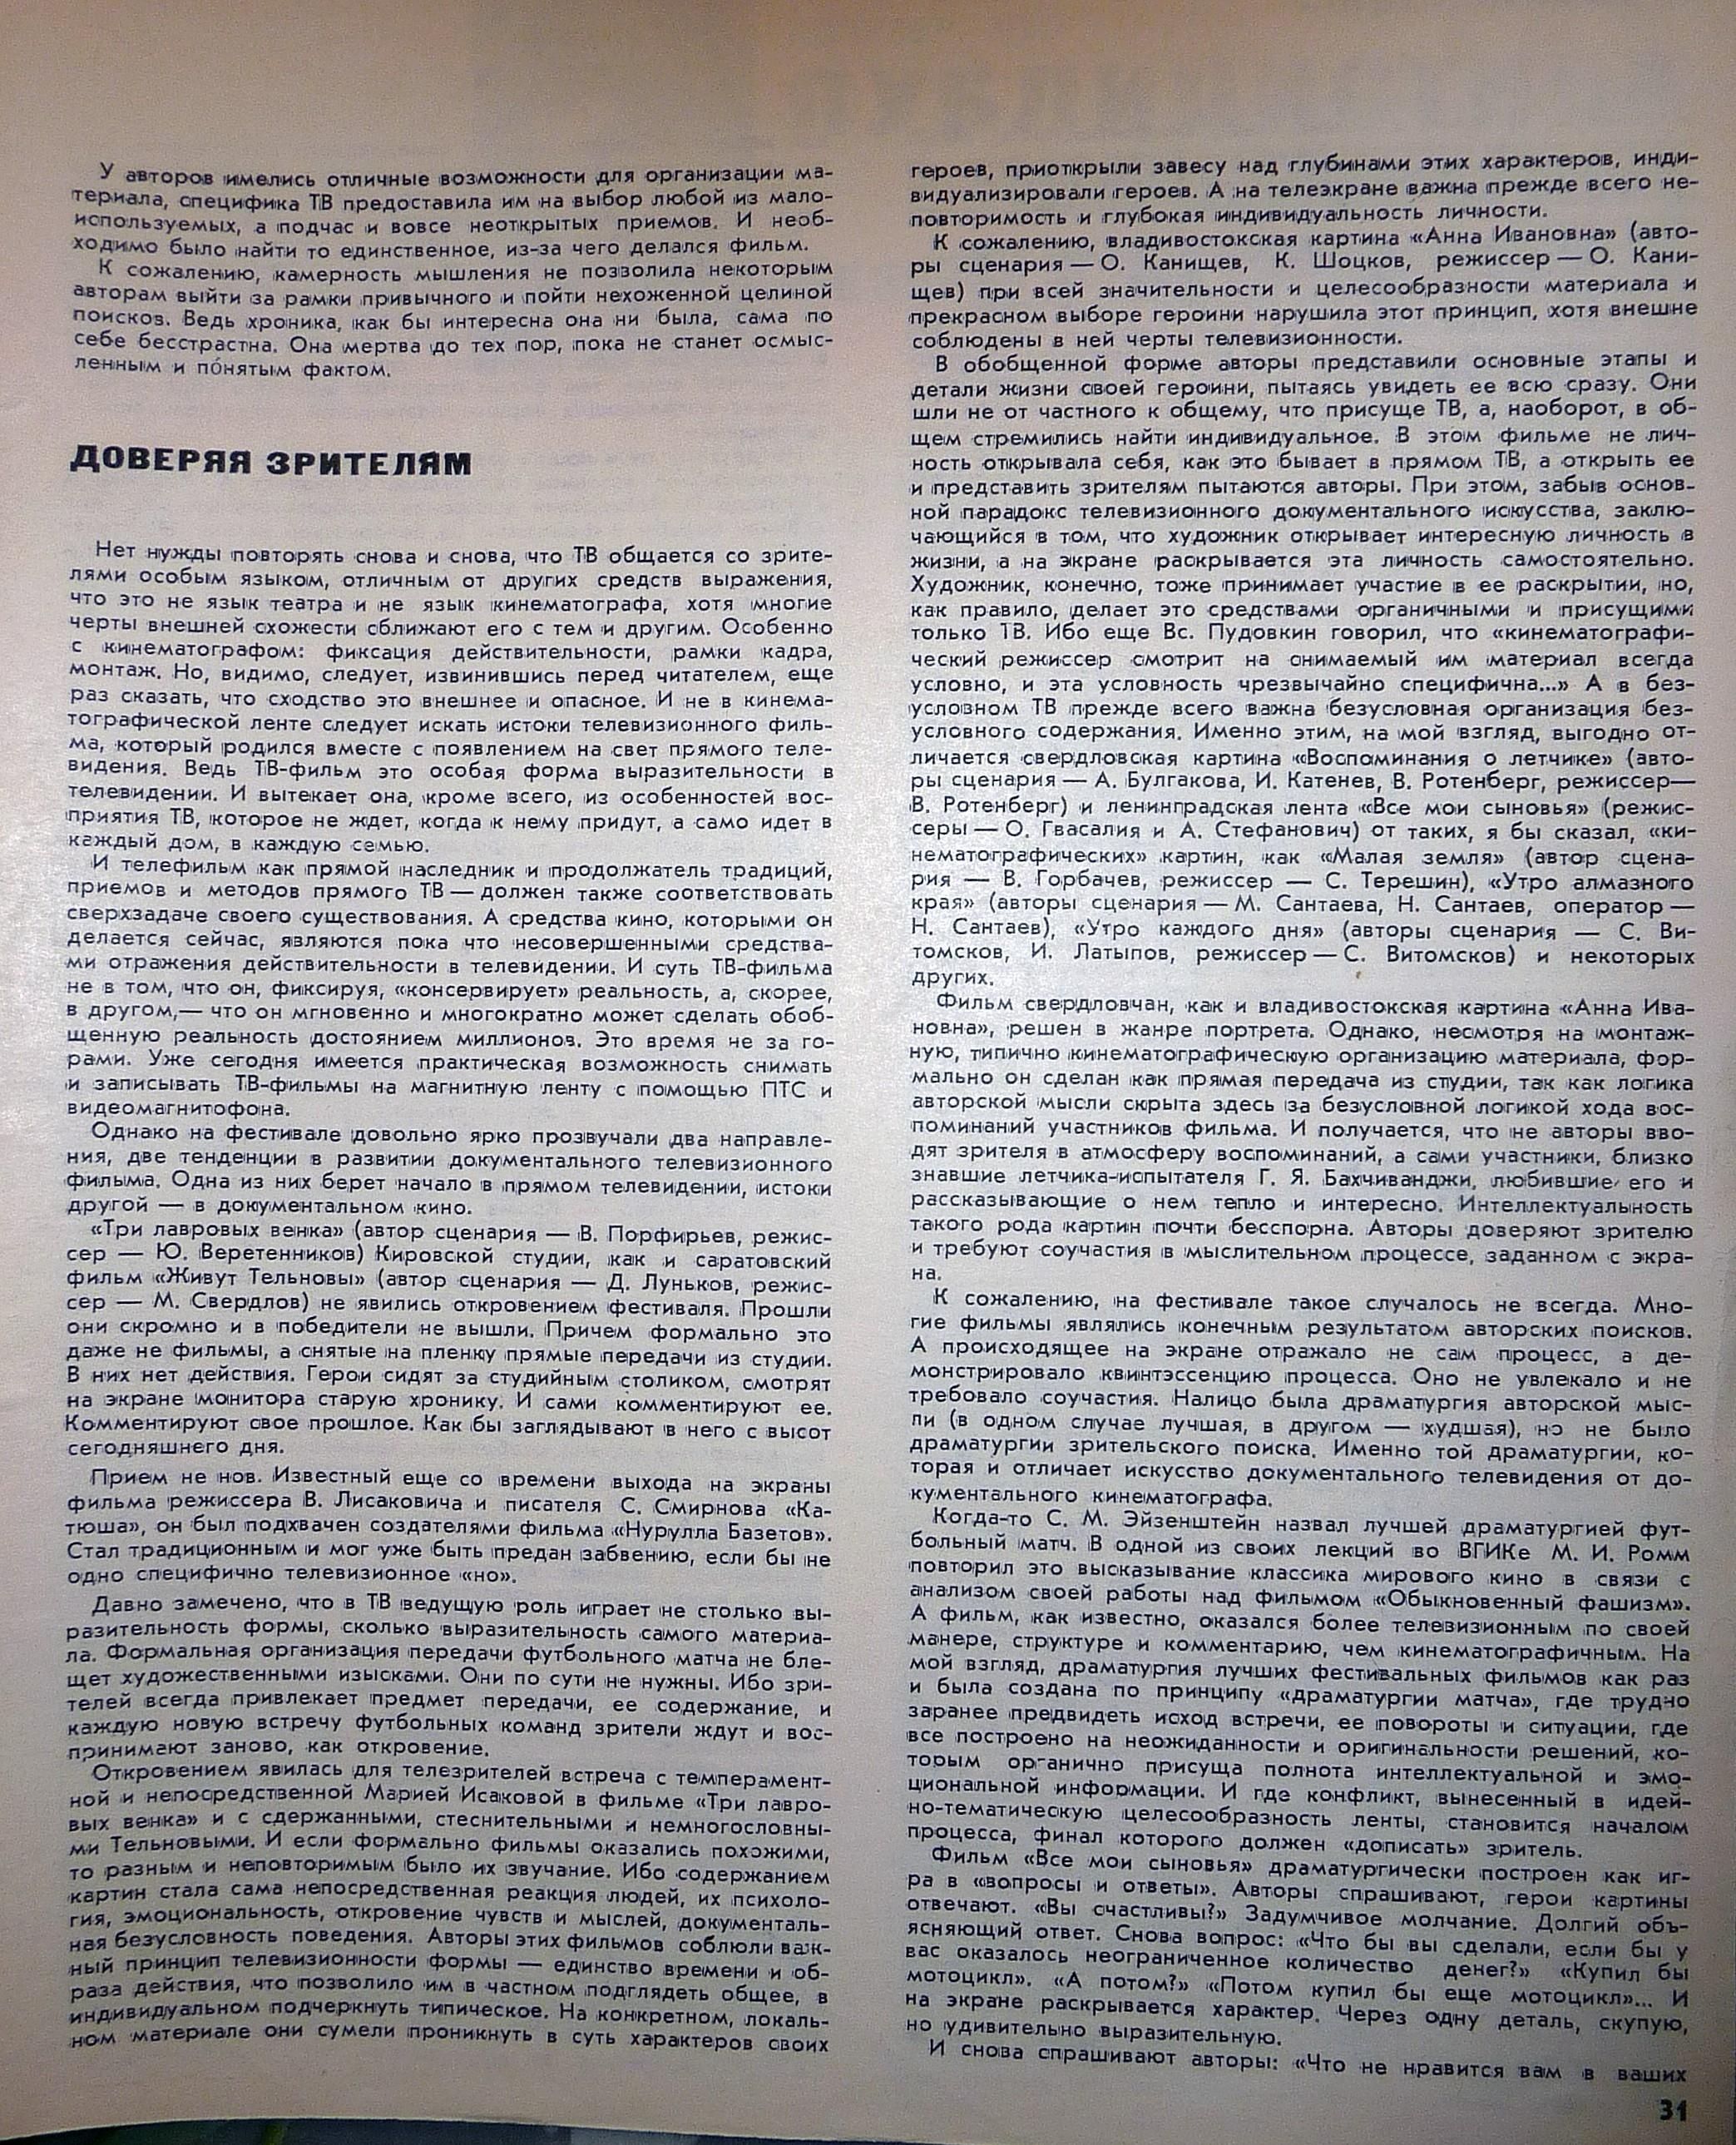 Телефильм продолжается_Советское радио и телевидение_1969_№9_с 31